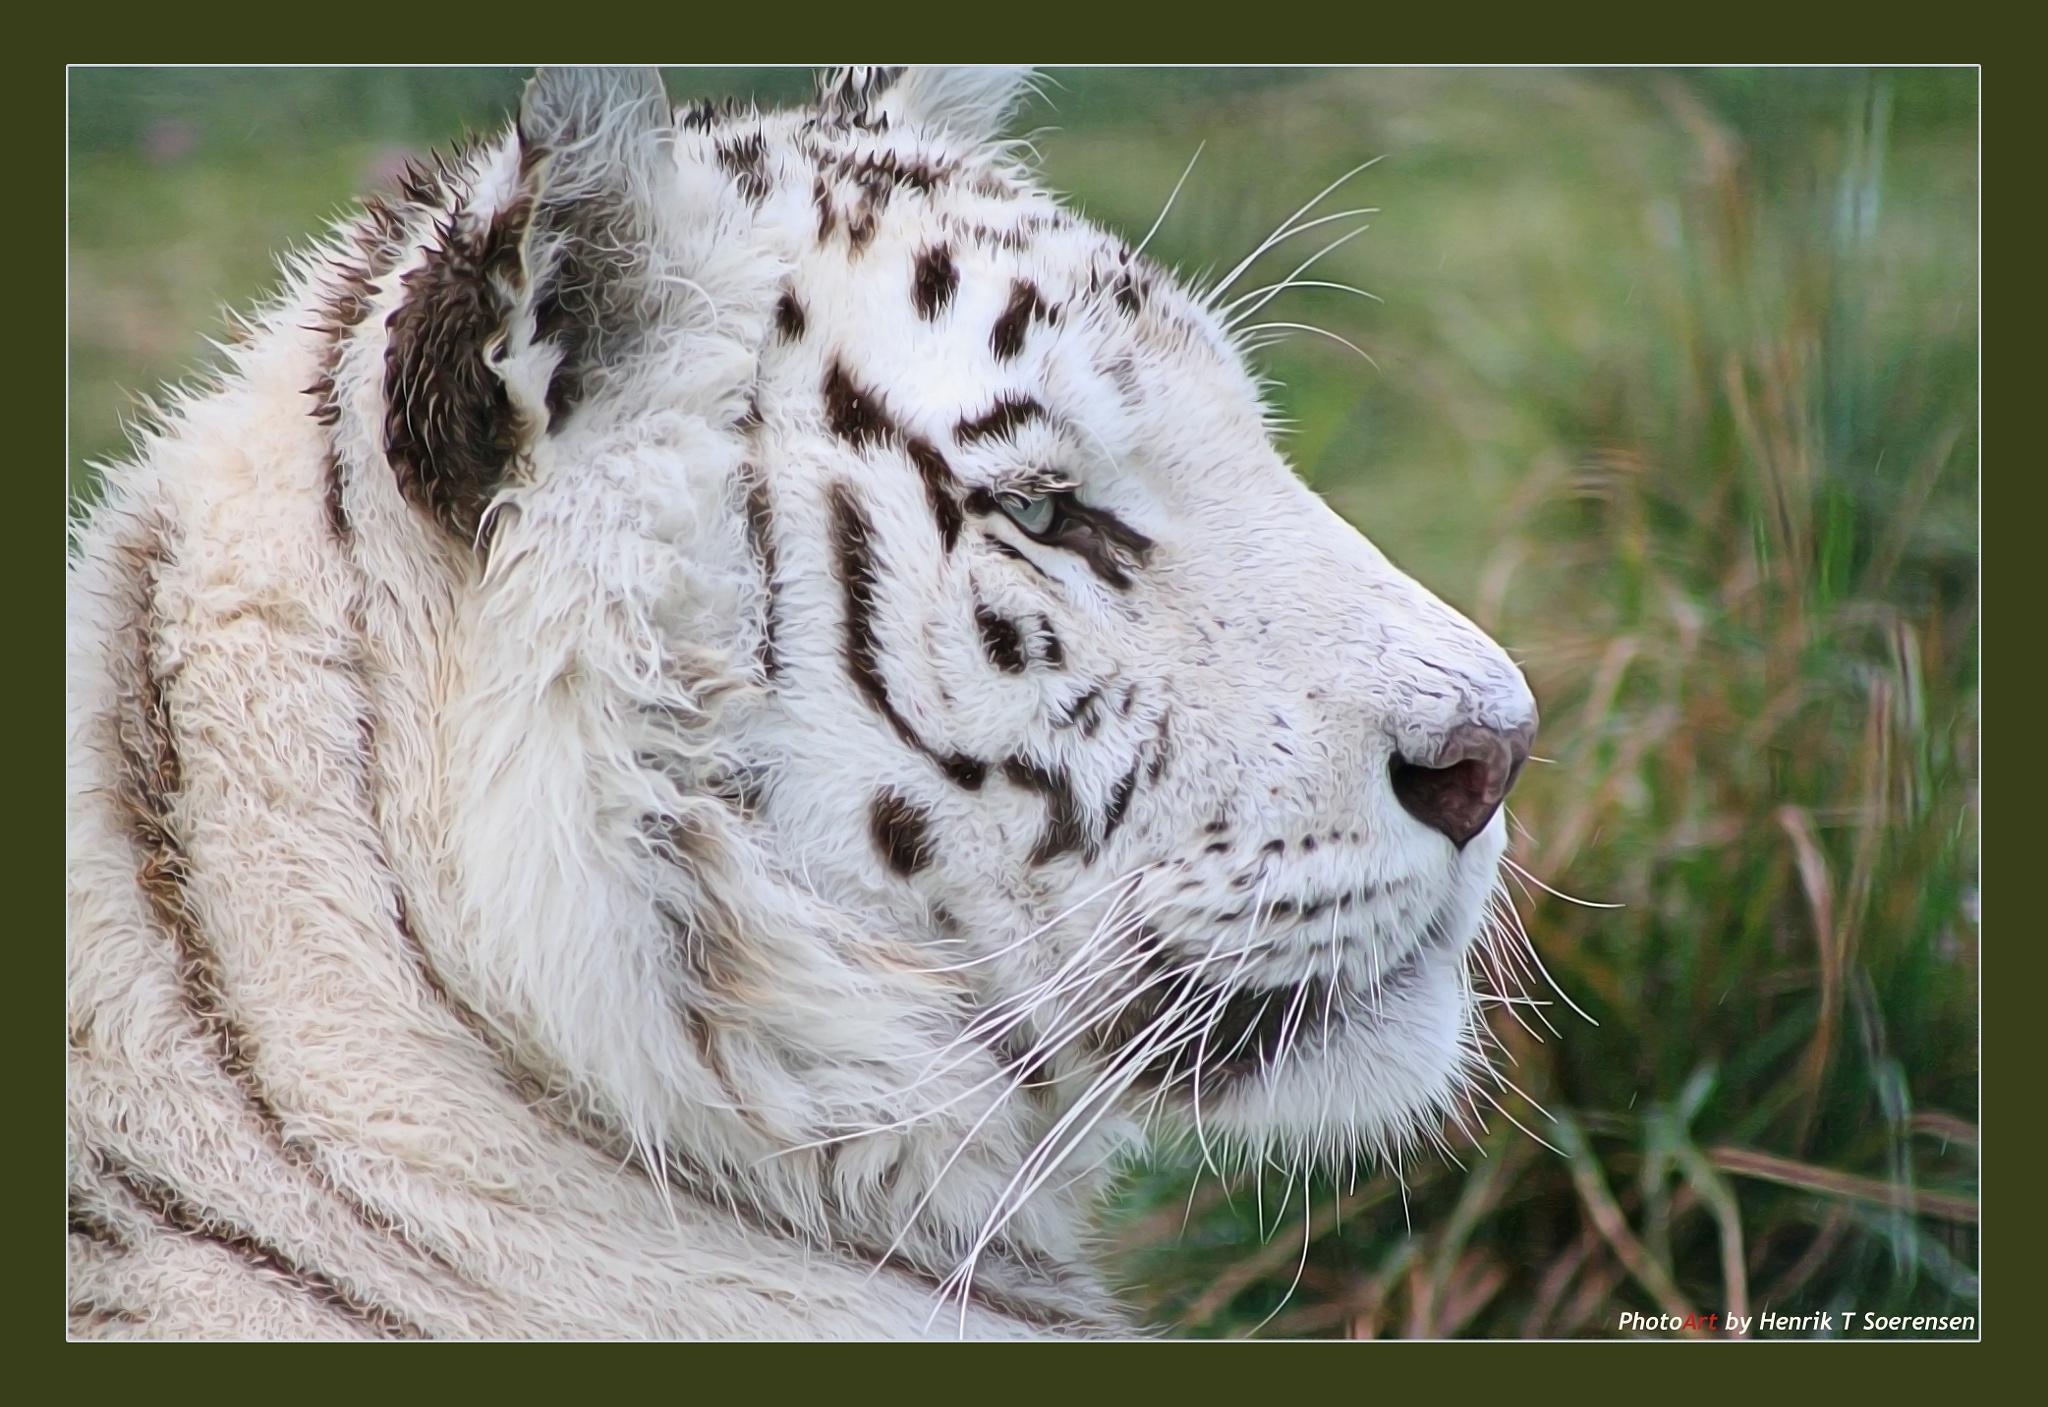 Tiger by Henrik T. Sørensen